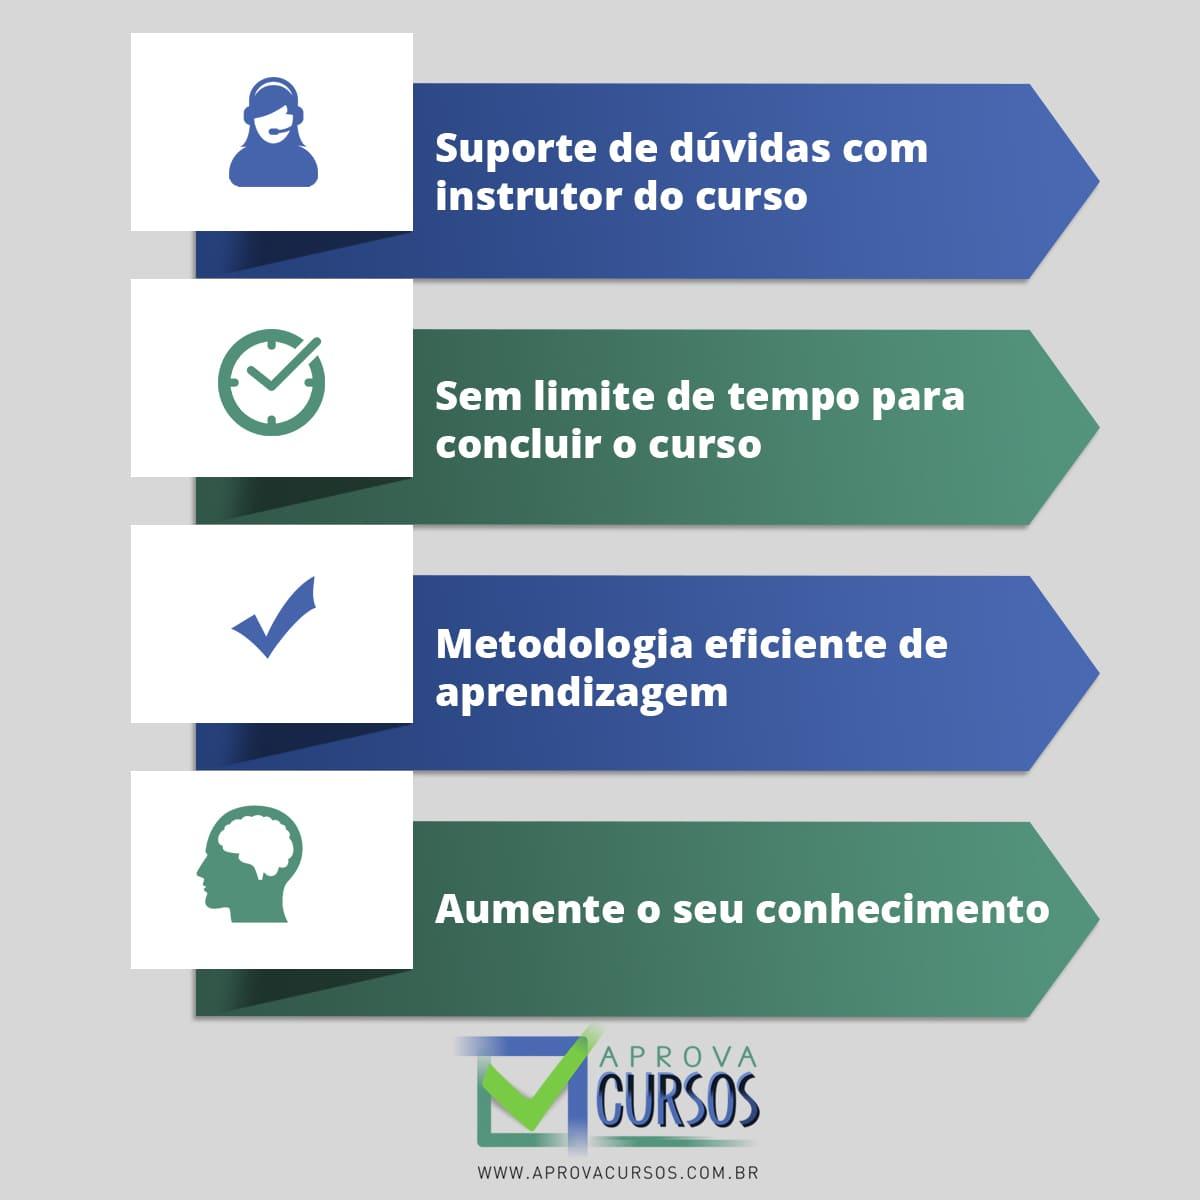 Curso Online de Interpretação do Rótulo de Alimentos com Certificado  - Aprova Cursos